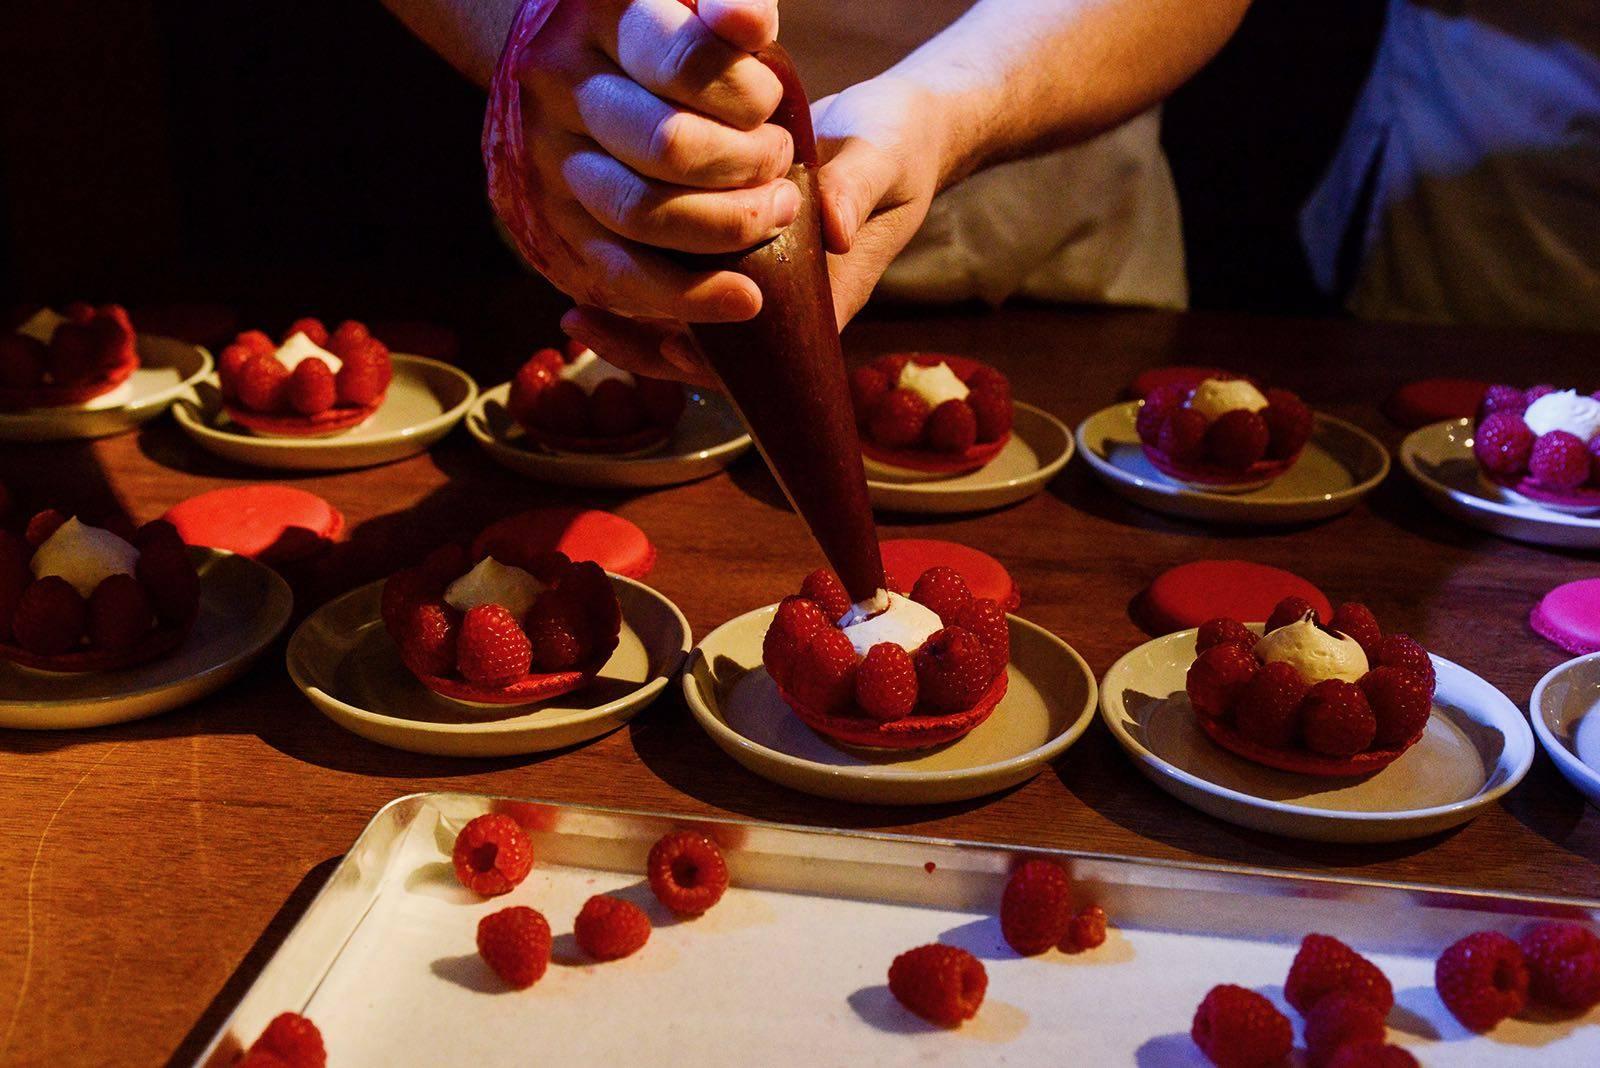 Foodsie - Catering - Cateraar - Traiteur - House of Weddings - 1